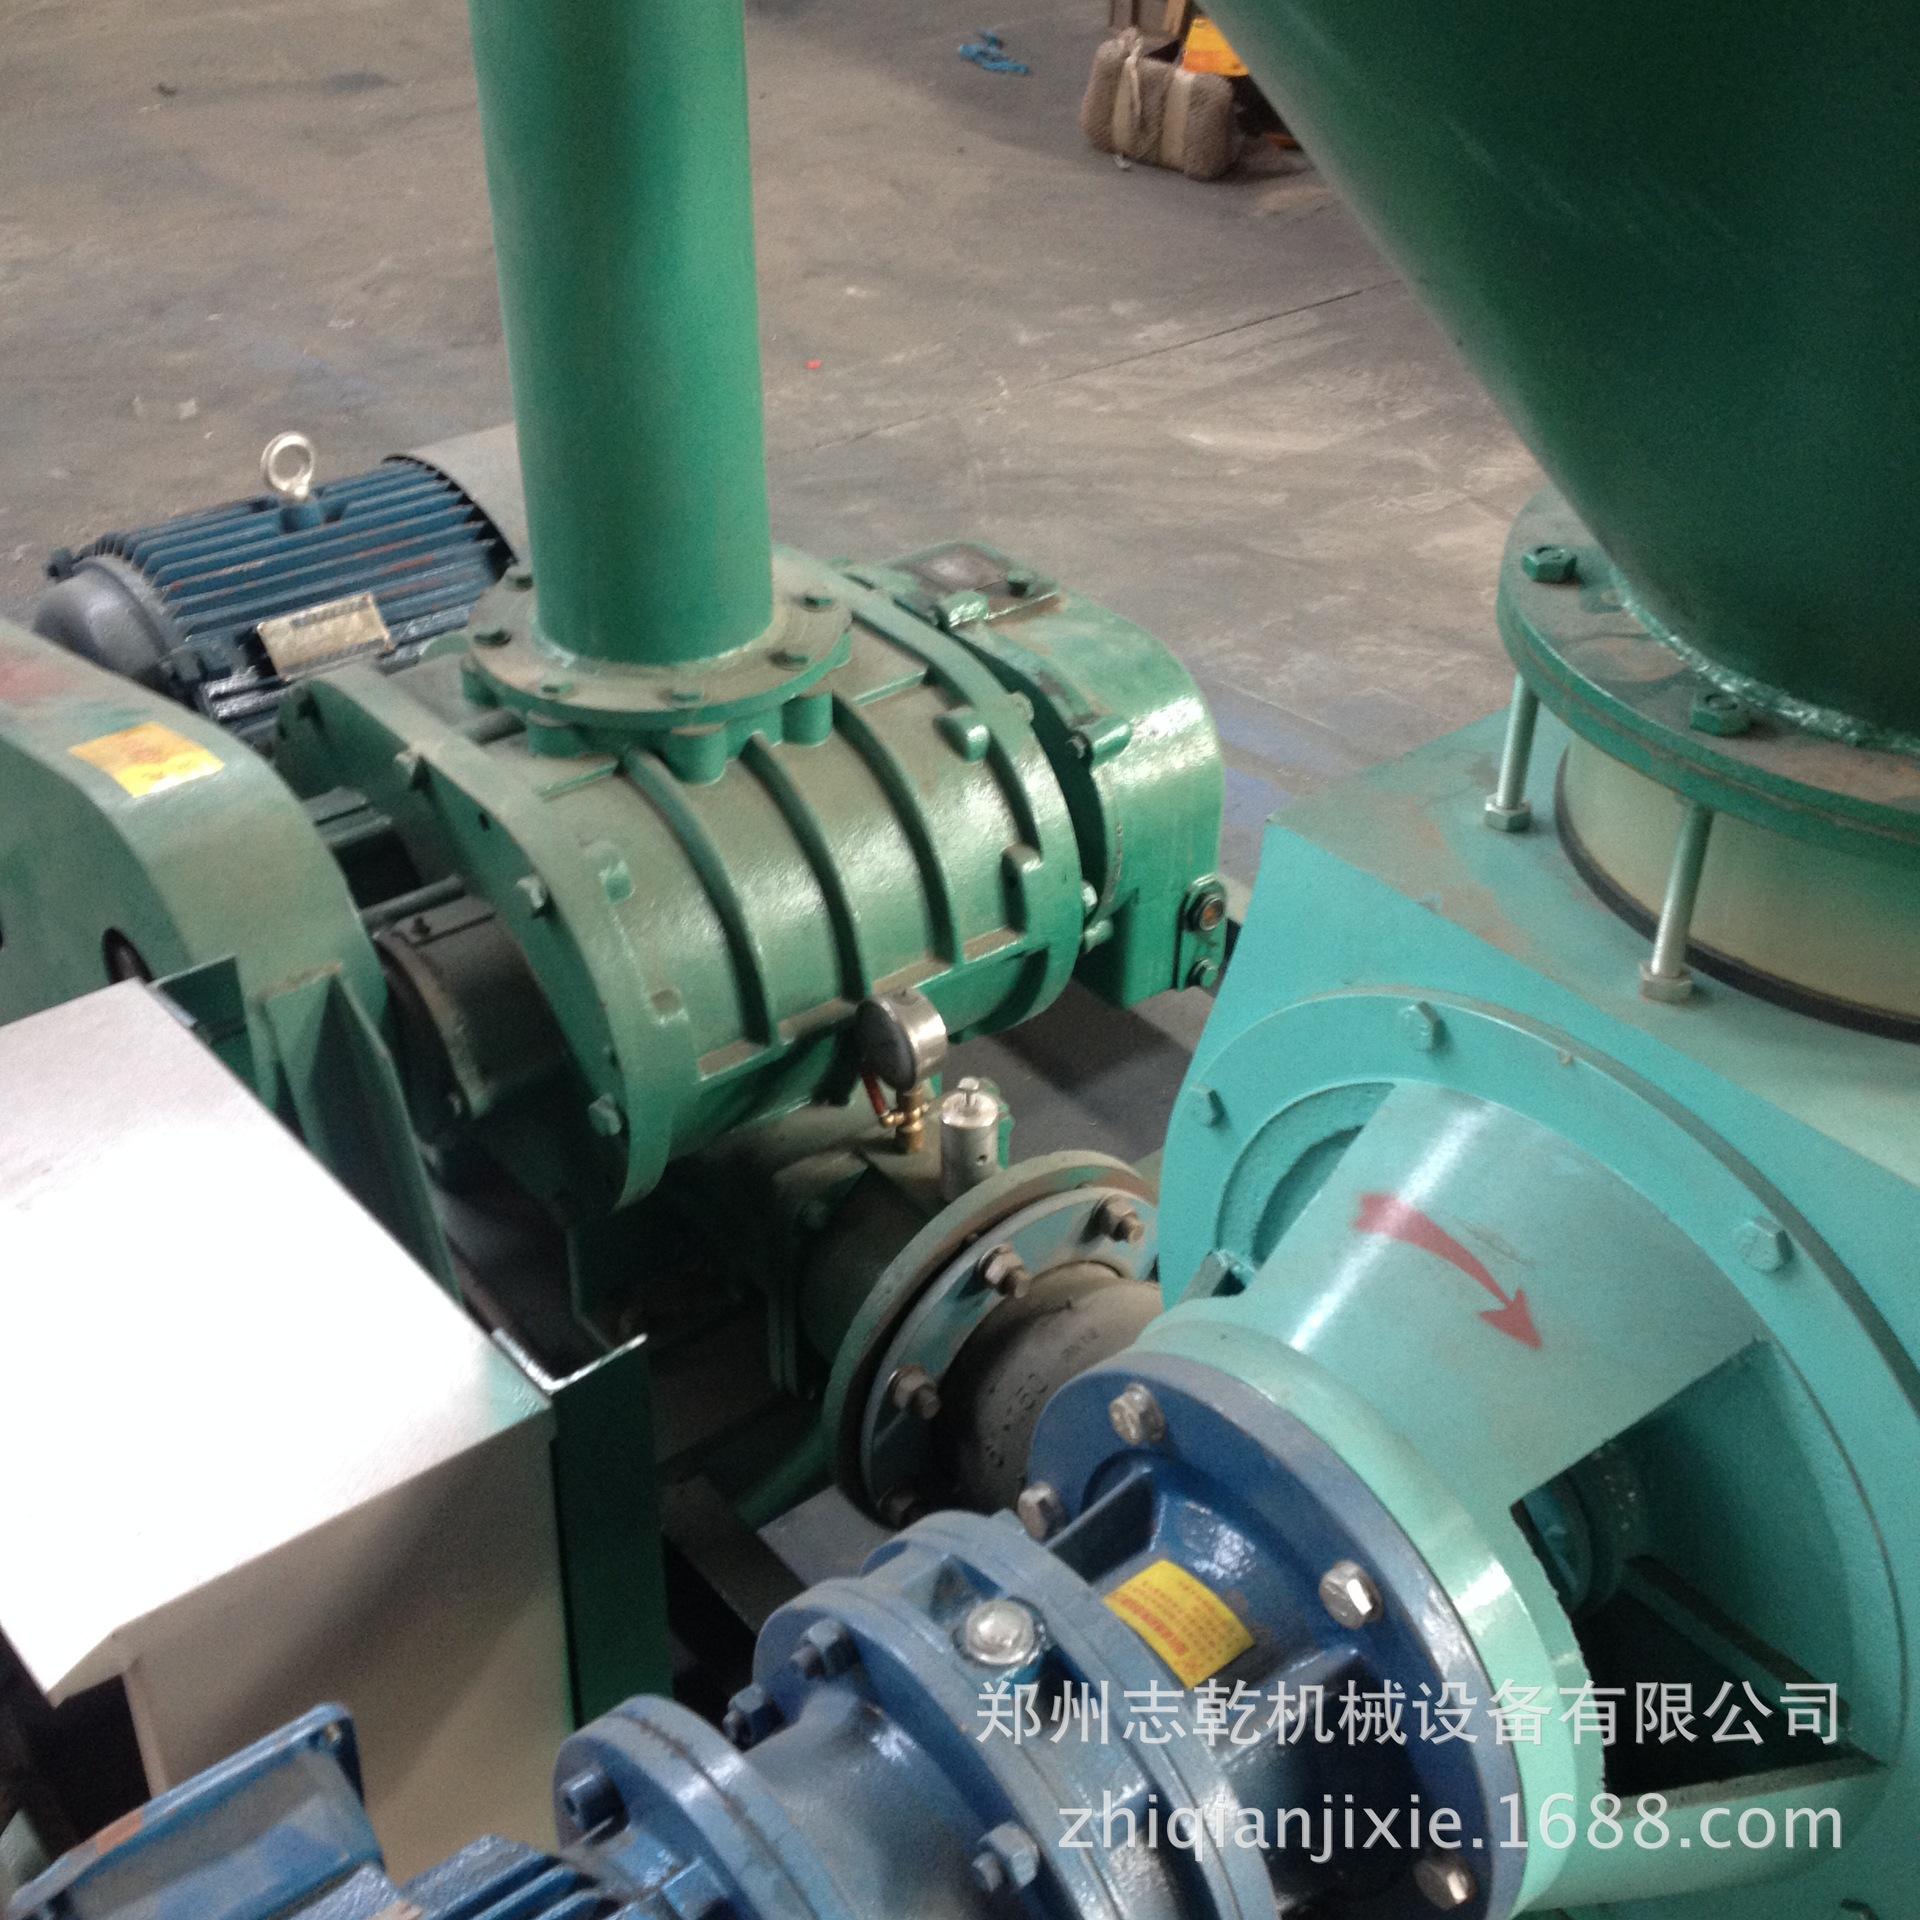 吸粮机 多功能化学原料气力输送设备 小麦散装颗粒输送机